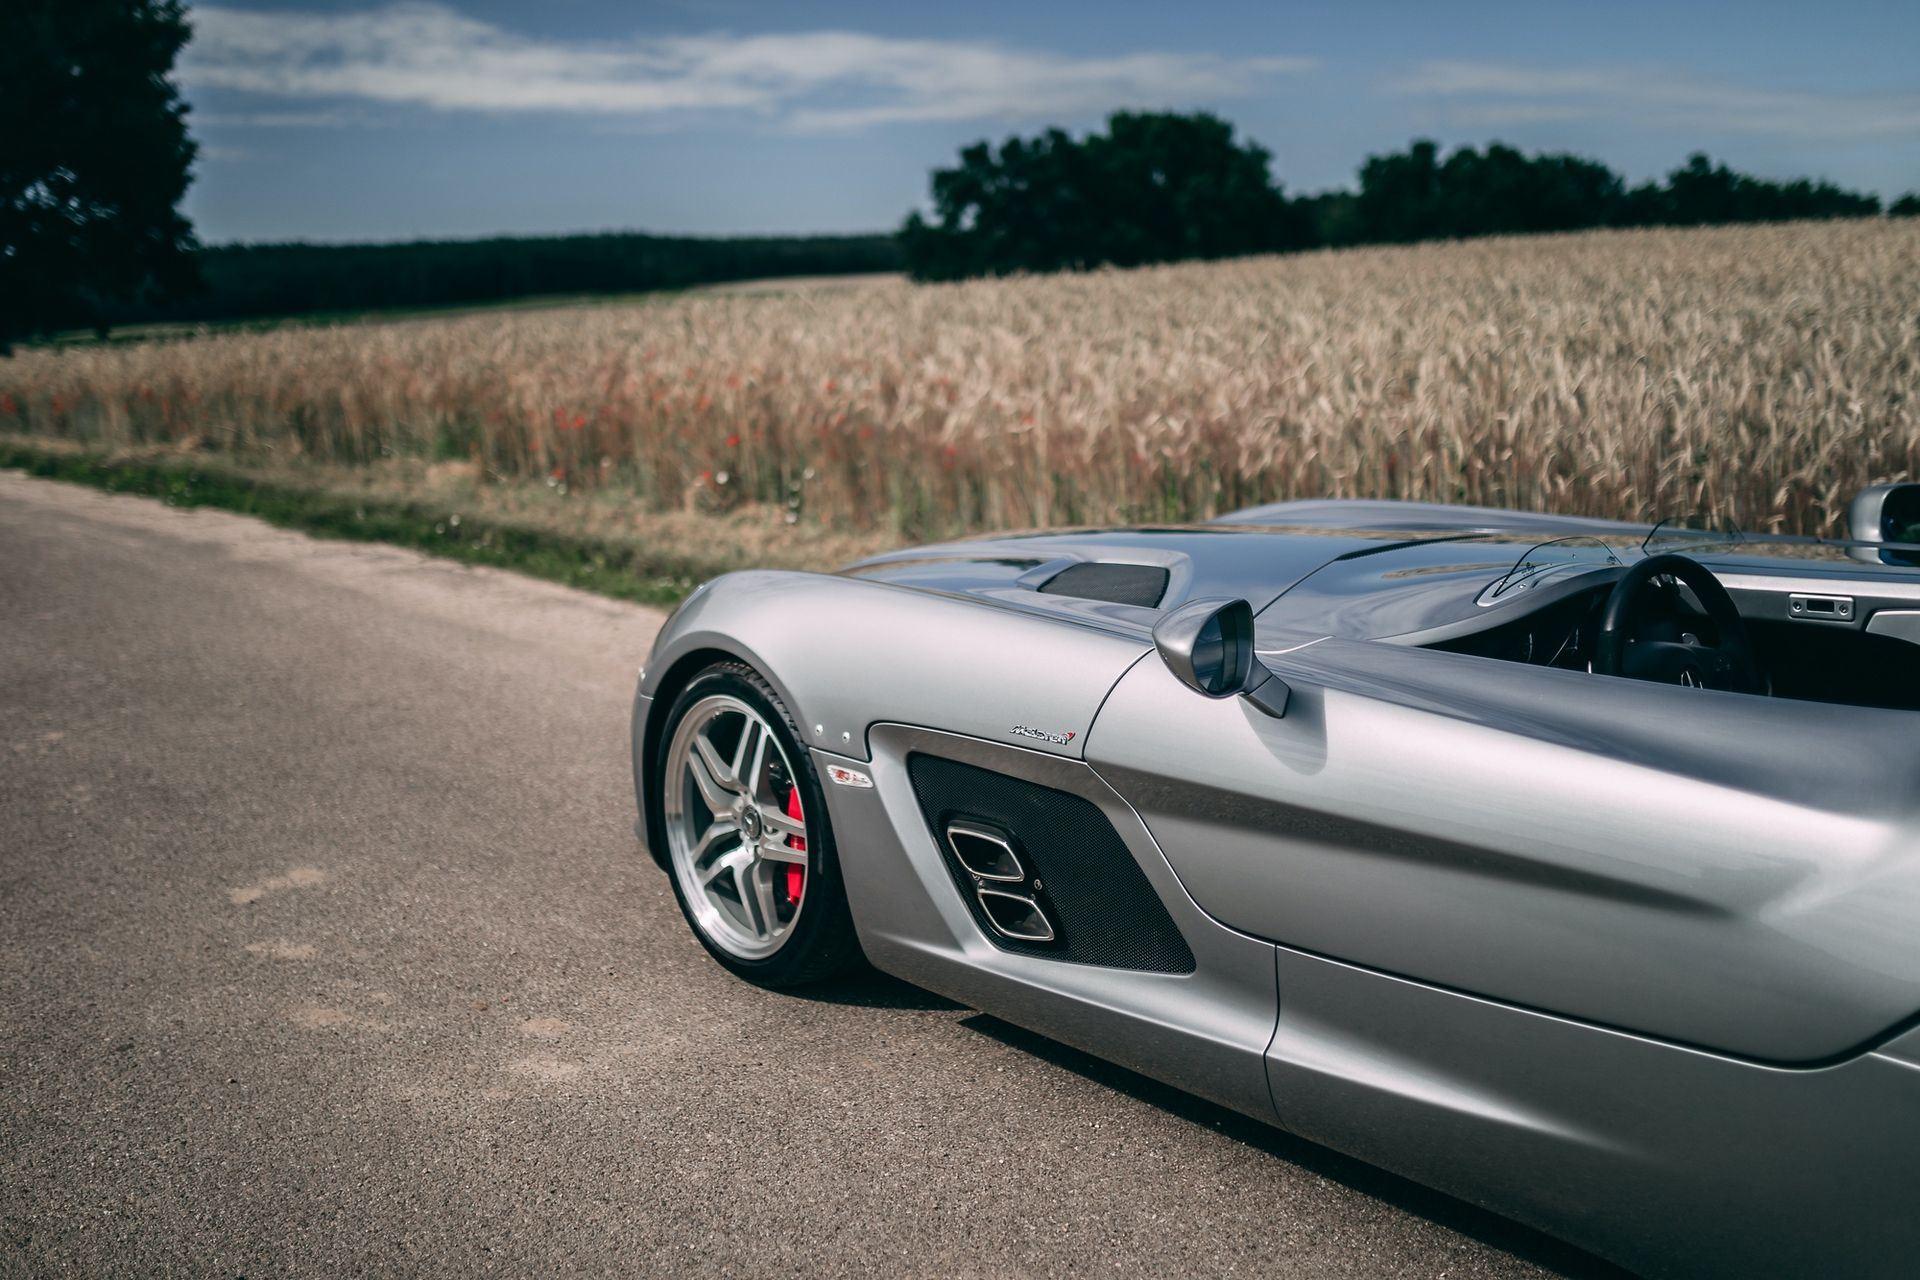 2009-Mercedes-Benz-SLR-McLaren-Stirling-Moss-_20